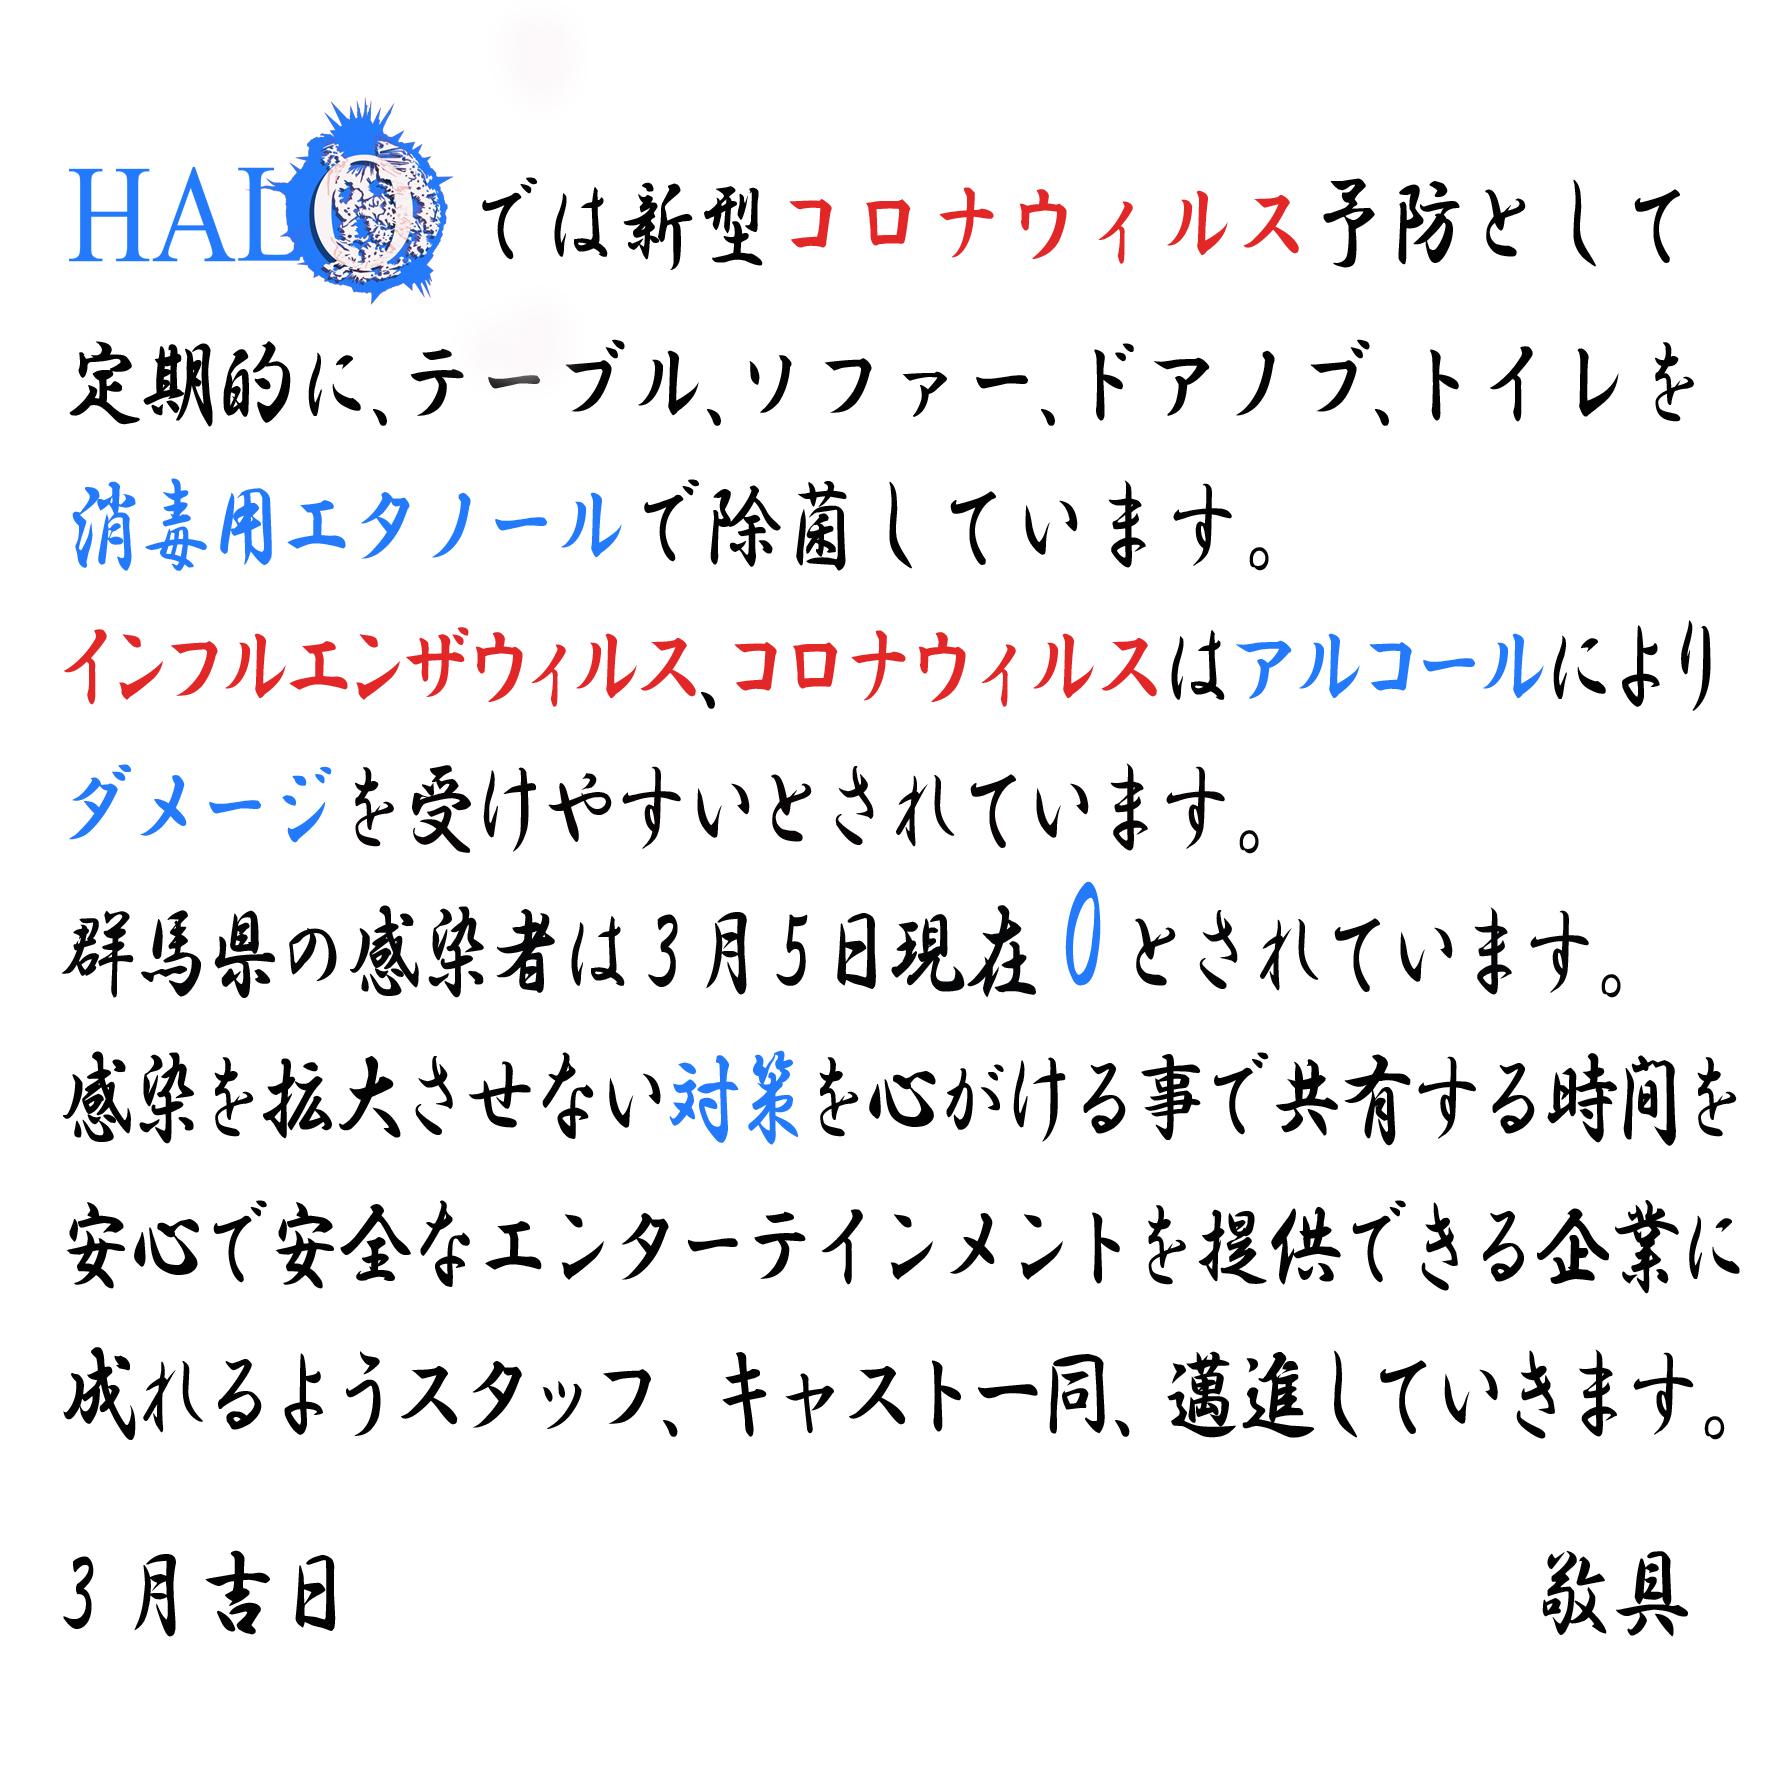 前橋キャバクラ「HALO」ショップニュース